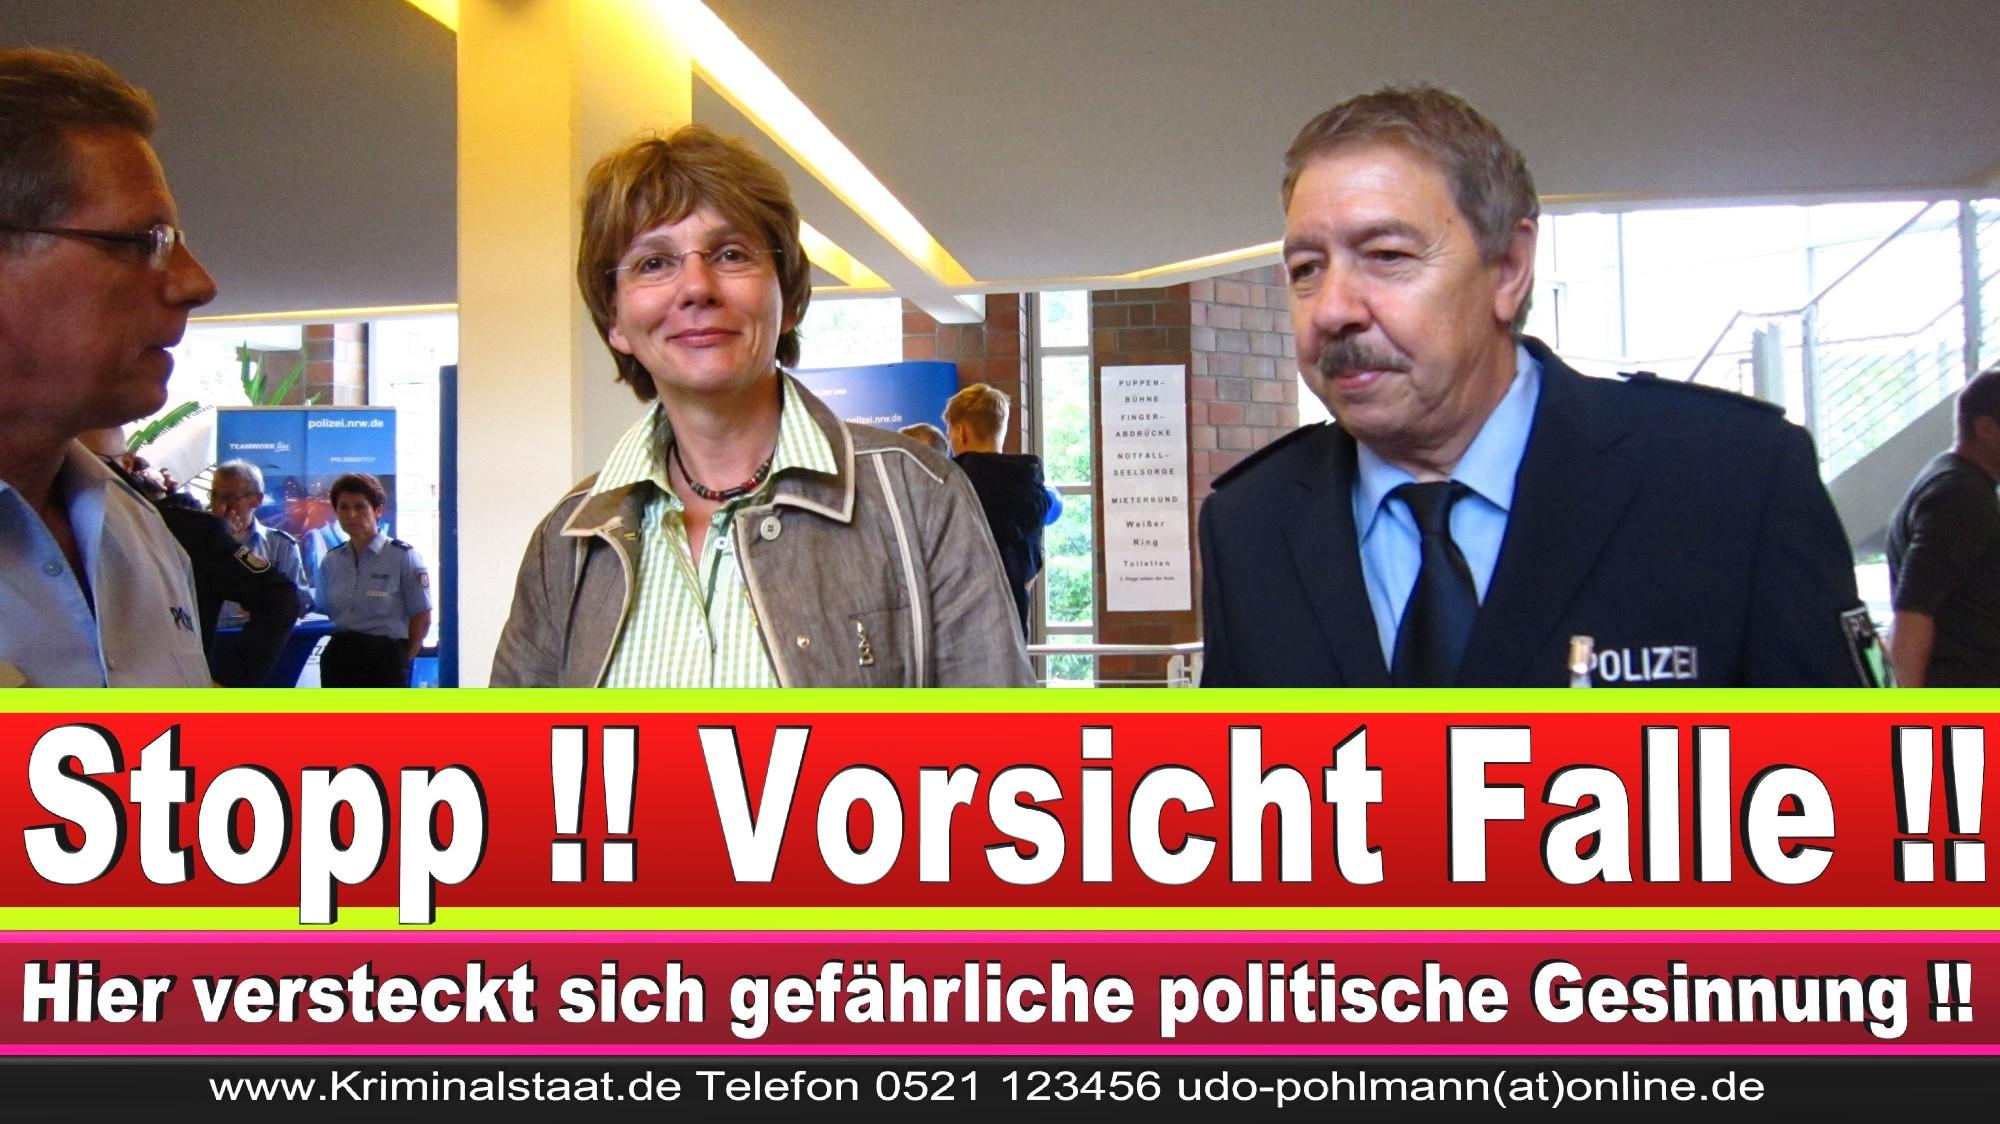 Polizeipräsidentin Katharina Giere Polizei Bielefeld NRW Erwin Südfeld Horst Kruse Polizeiuniform Polizeigewalt DEMONSTRATION Bahnhof (14) 1